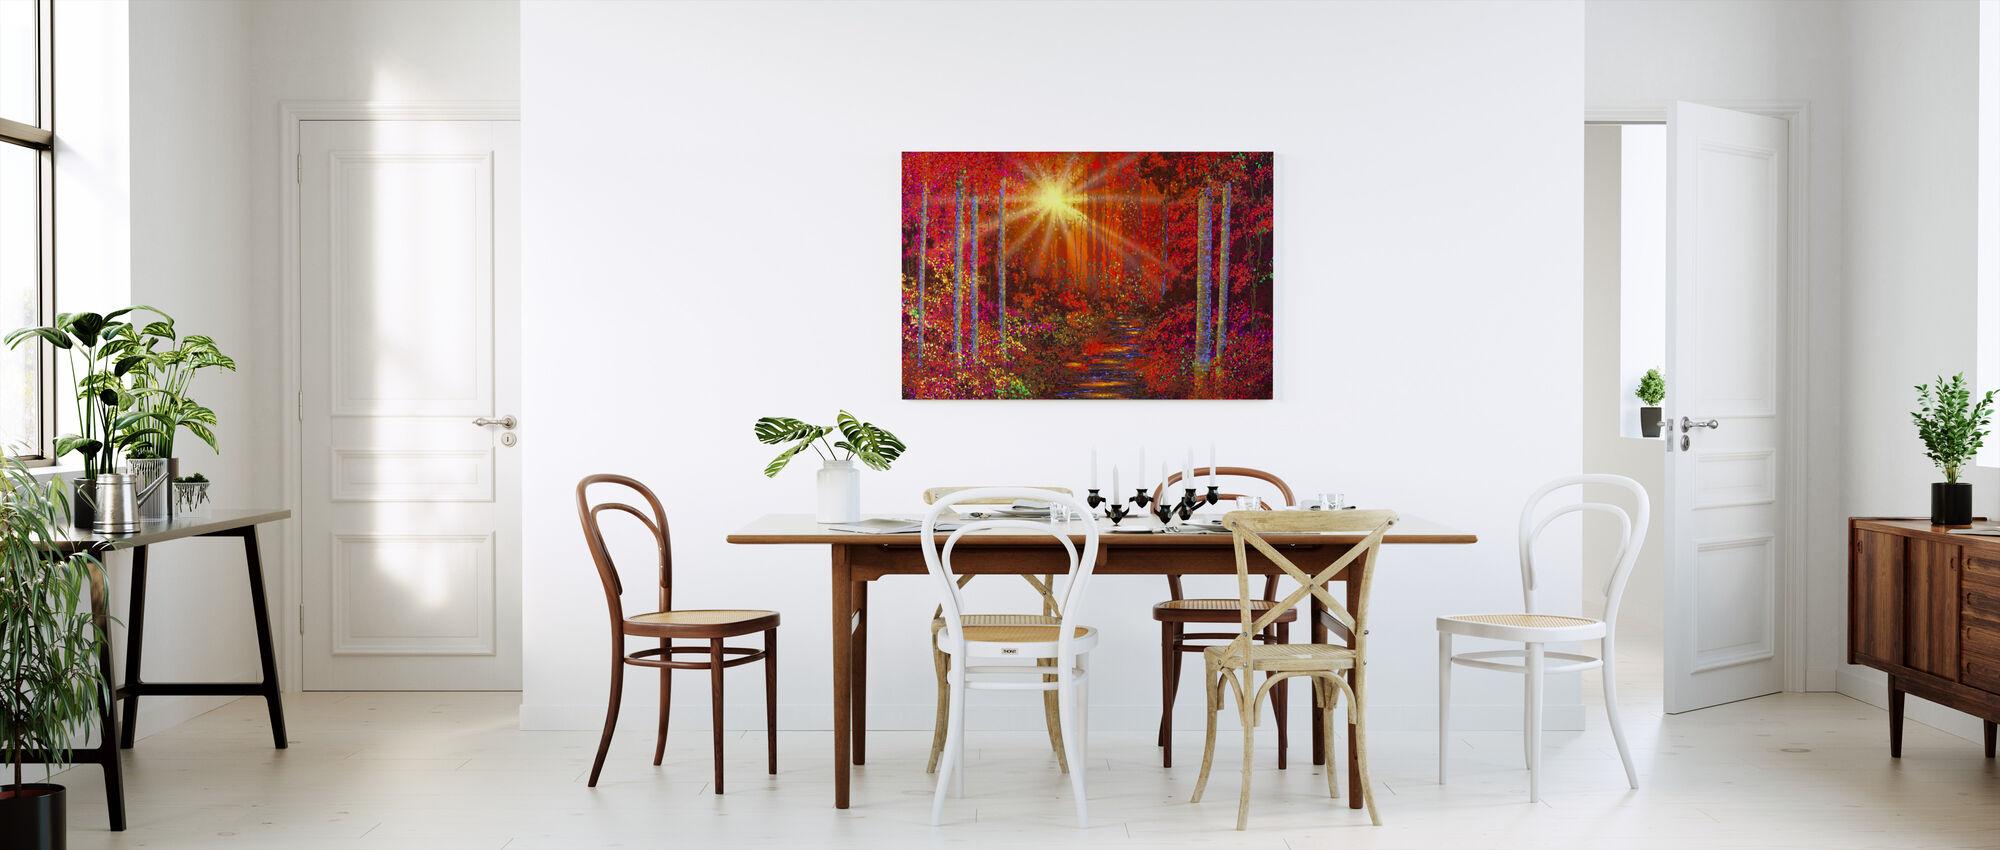 Crimson metsä - Canvastaulu - Keittiö